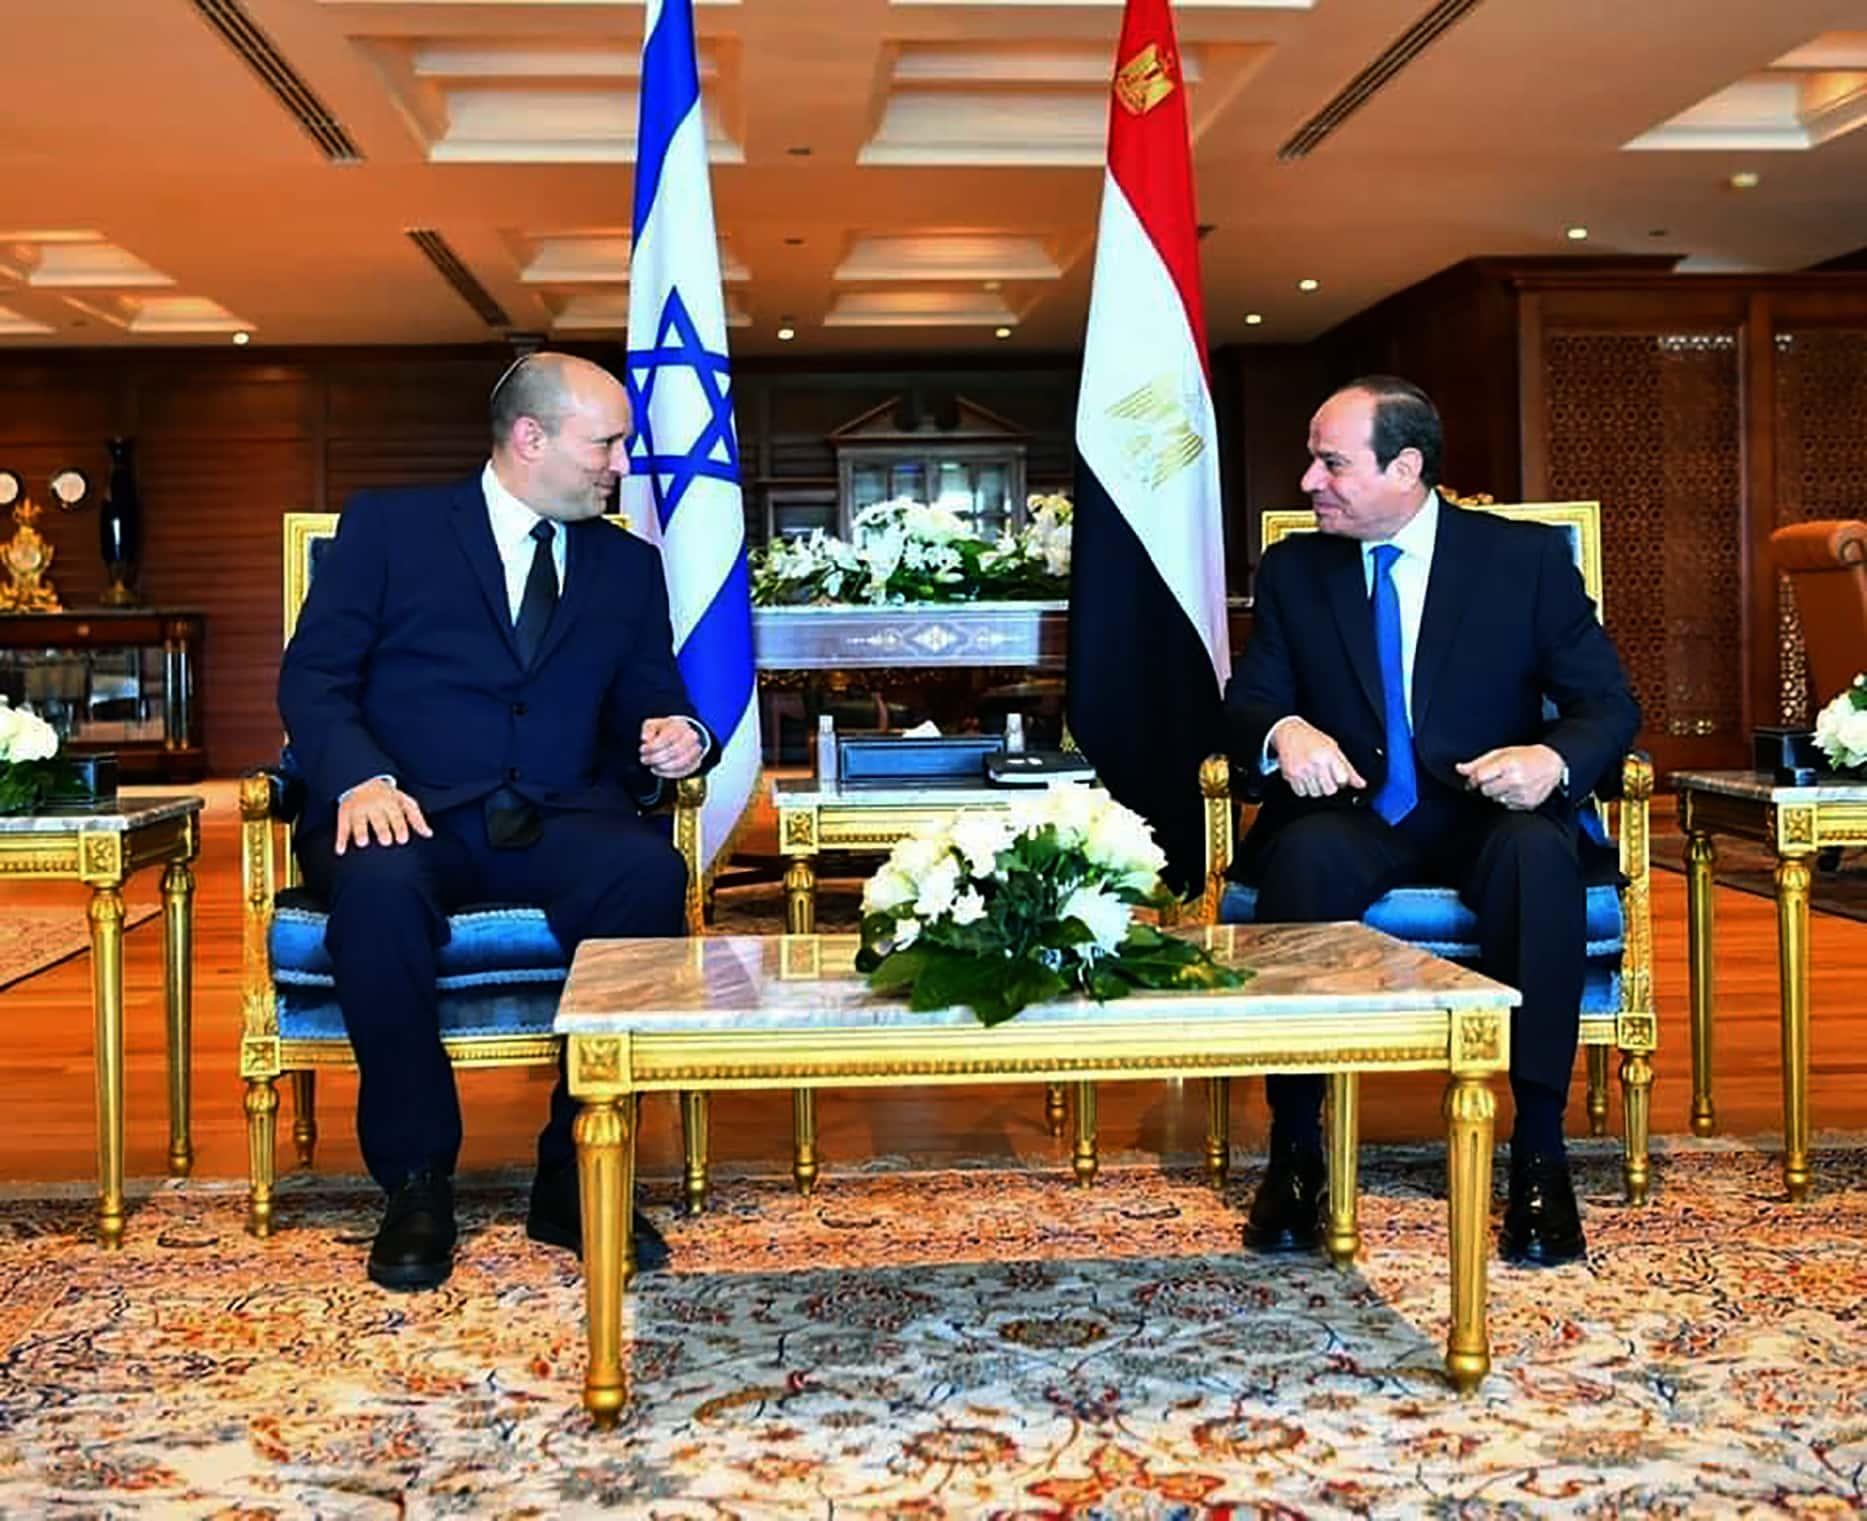 ראש הממשלה נפתלי בנט ונשיא מצרים עבד אל-פתח א-סיסי בשארם א-שייח, 13 בספטמבר 2021 (צילום: Egyptian Presidency Media office via AP)